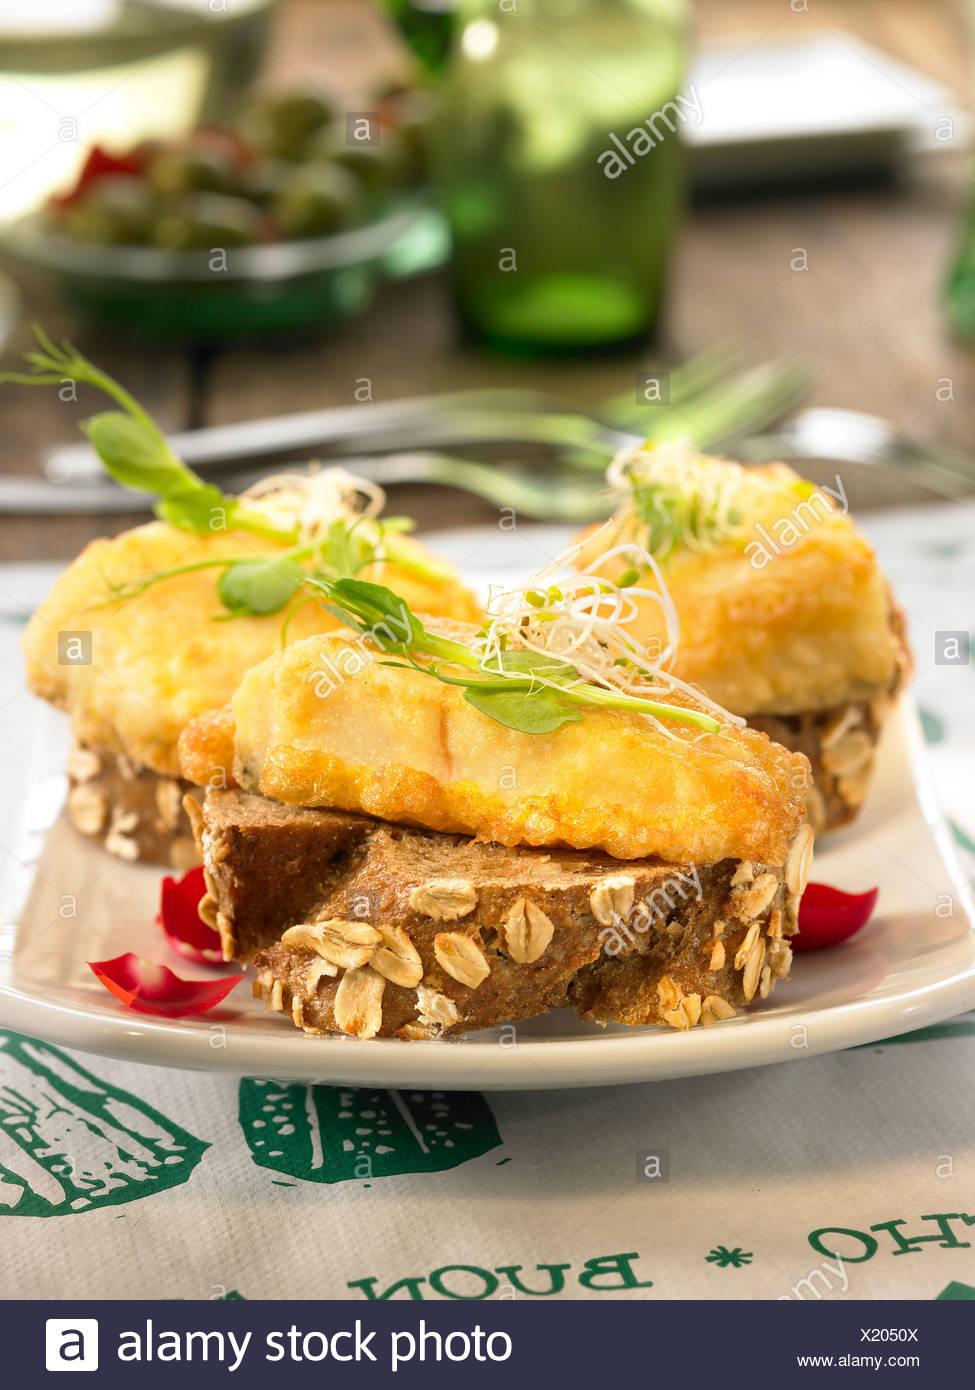 Cod open sandwich - Stock Image